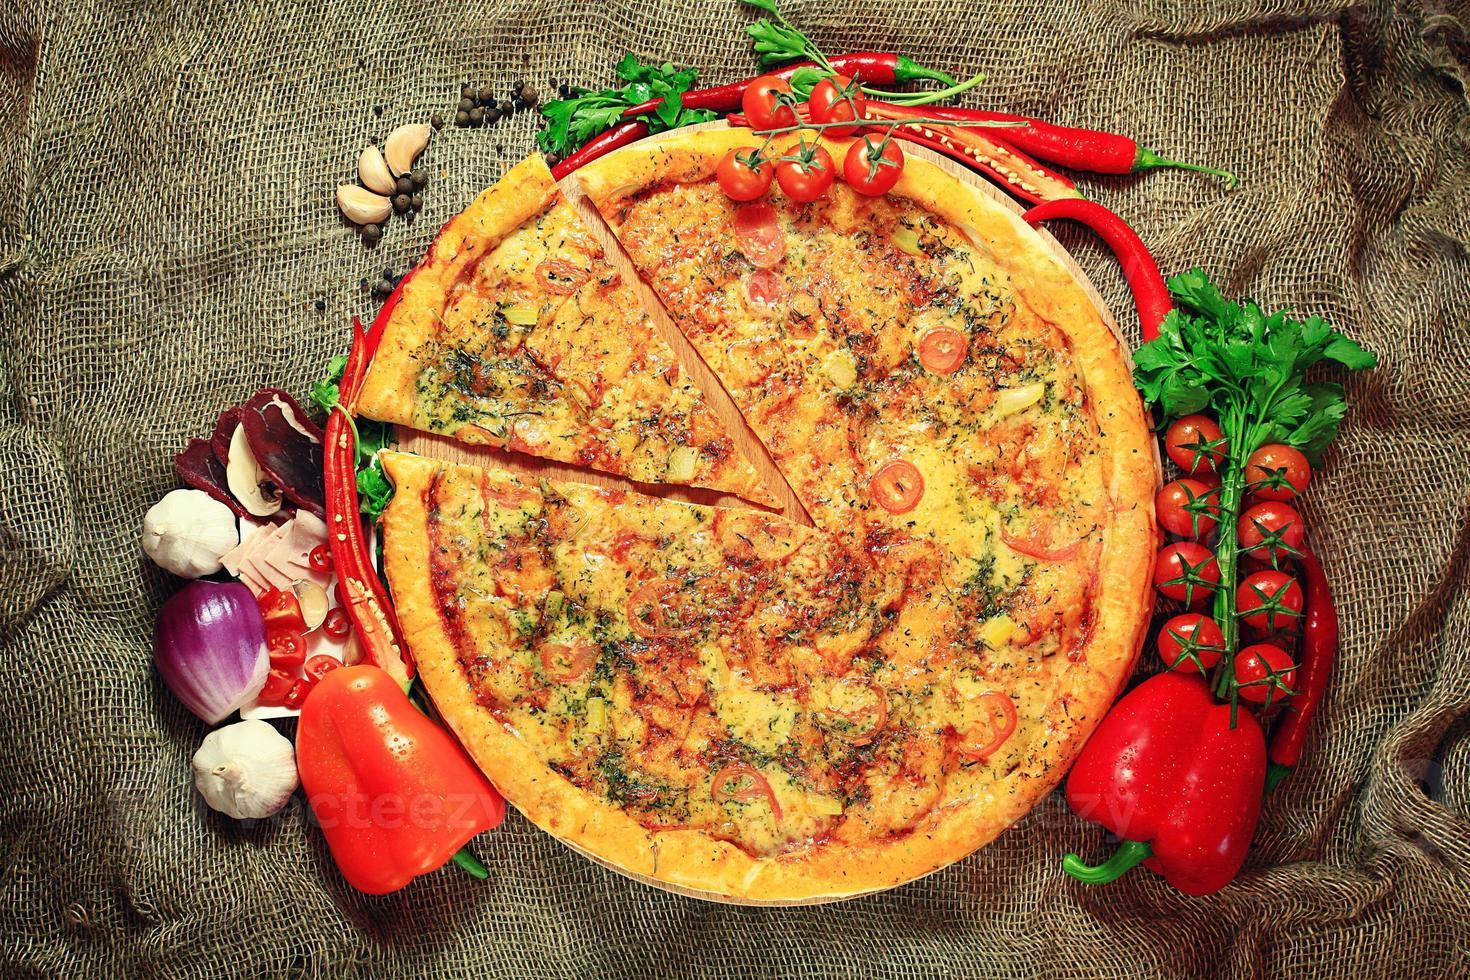 pizza met groenten en kruiden rustieke achtergrond foto